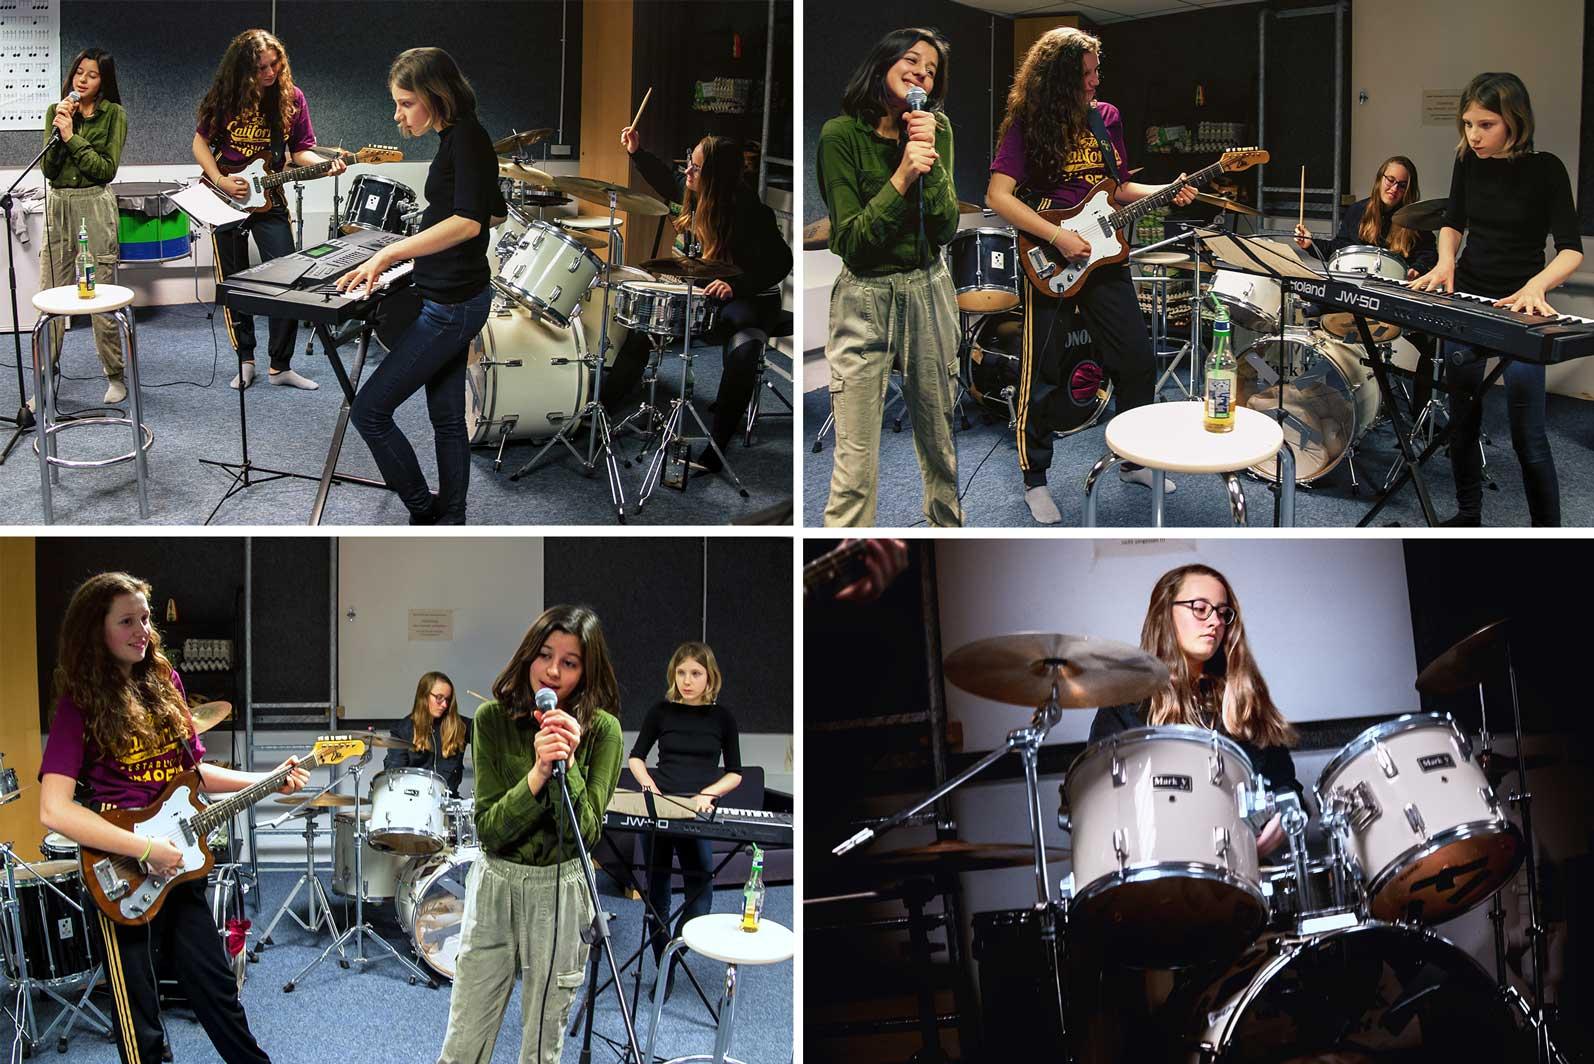 Mädchen* Bands. Das M*Z verfügt über einen Proberaum. Foto von L.Vandrei